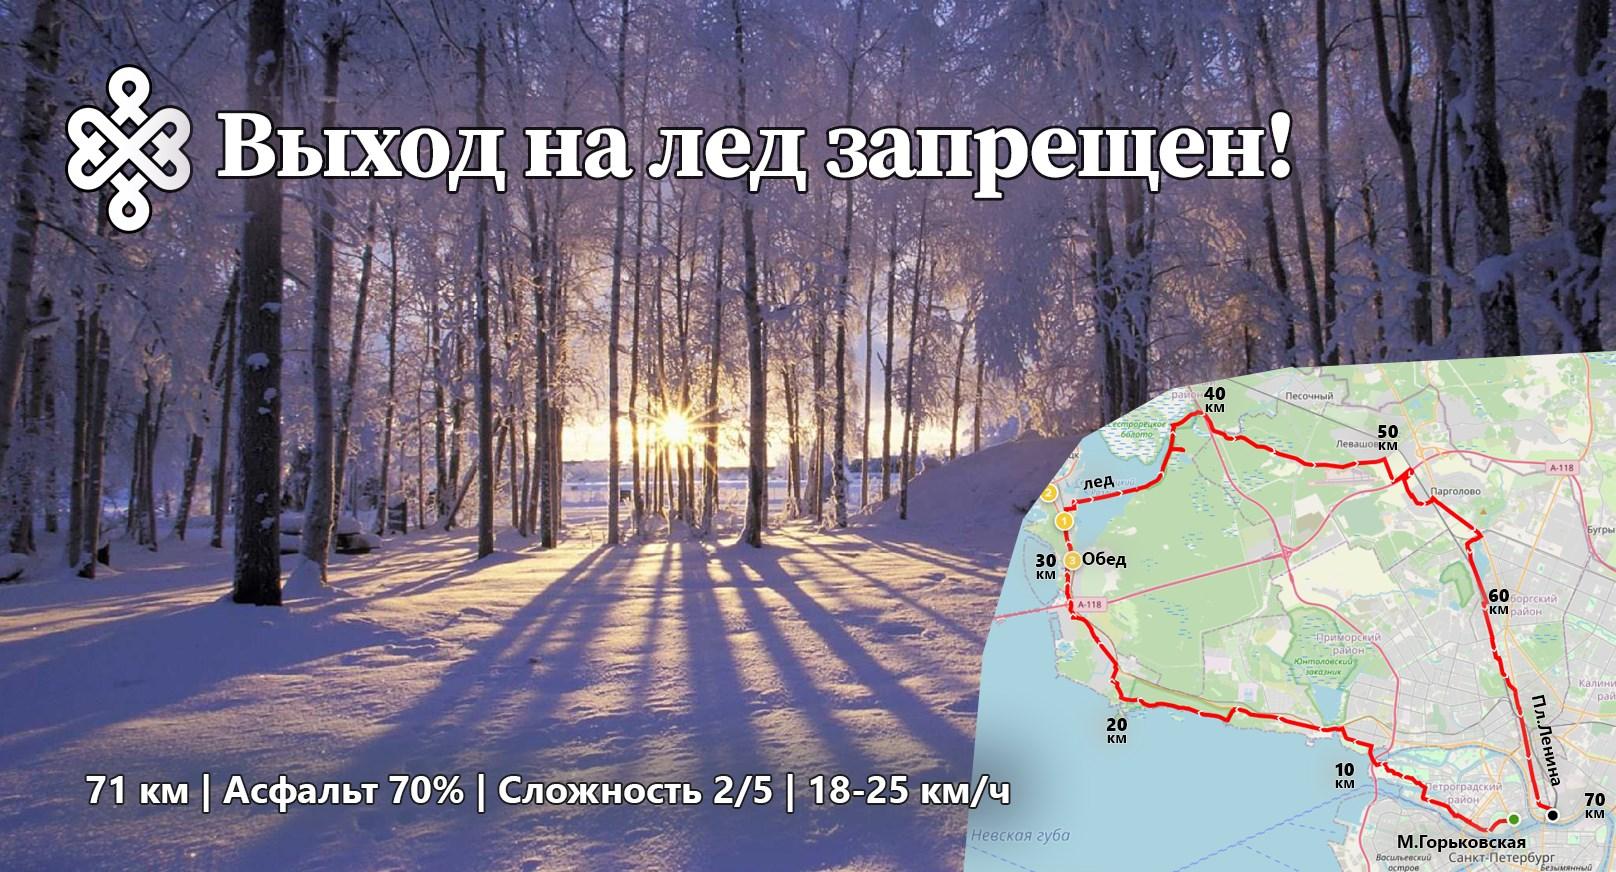 SoURPrgEKrw.jpg?size=1616x872&quality=96